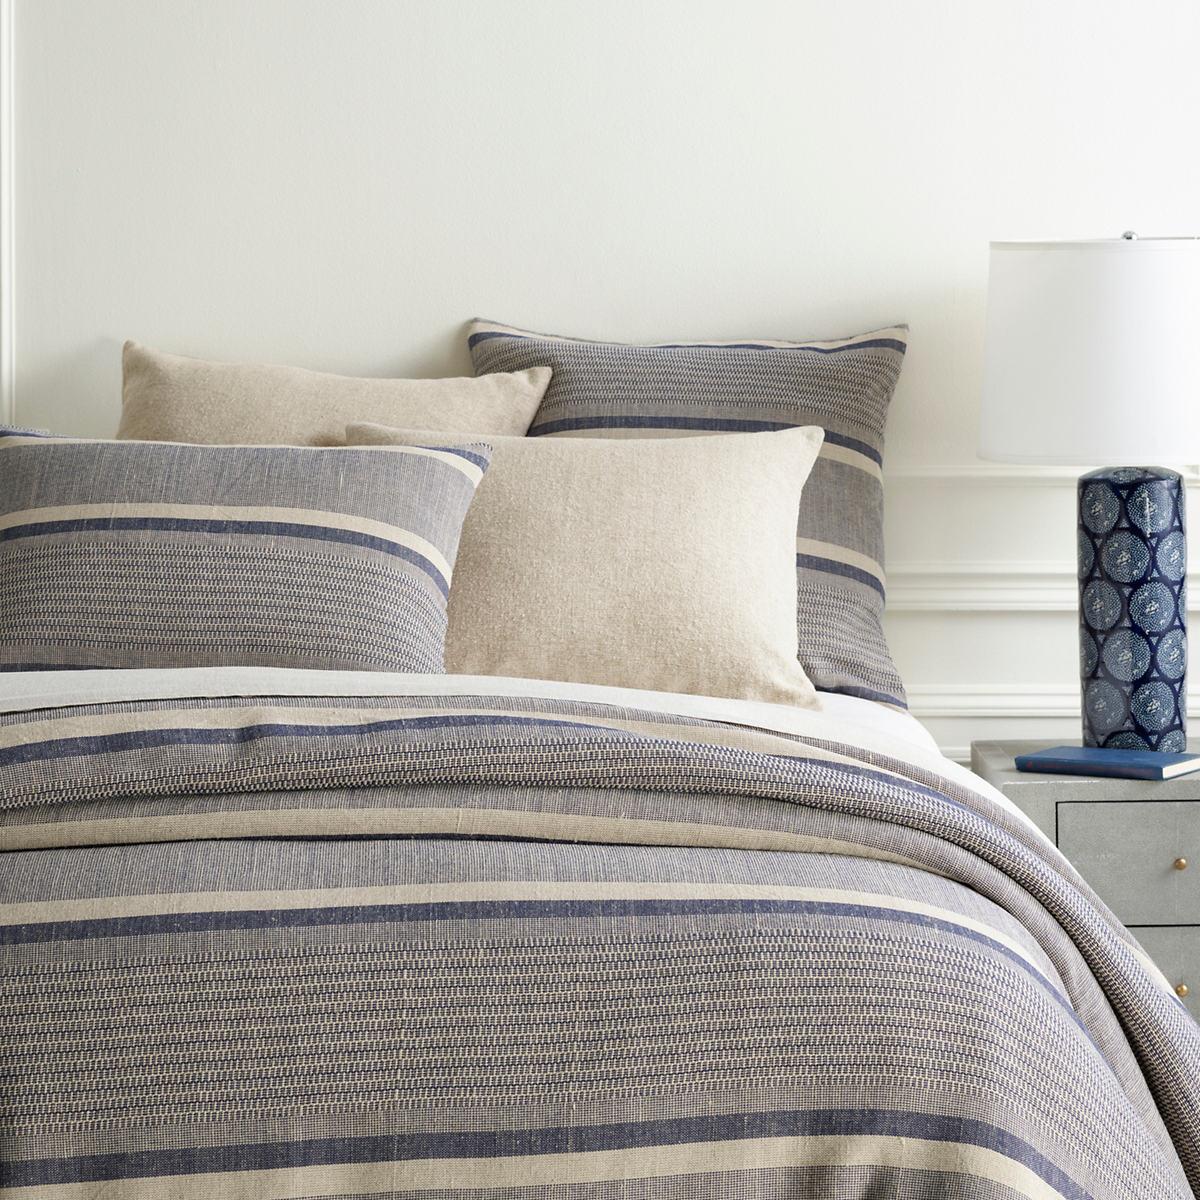 Morocco Linen Indigo Duvet Cover